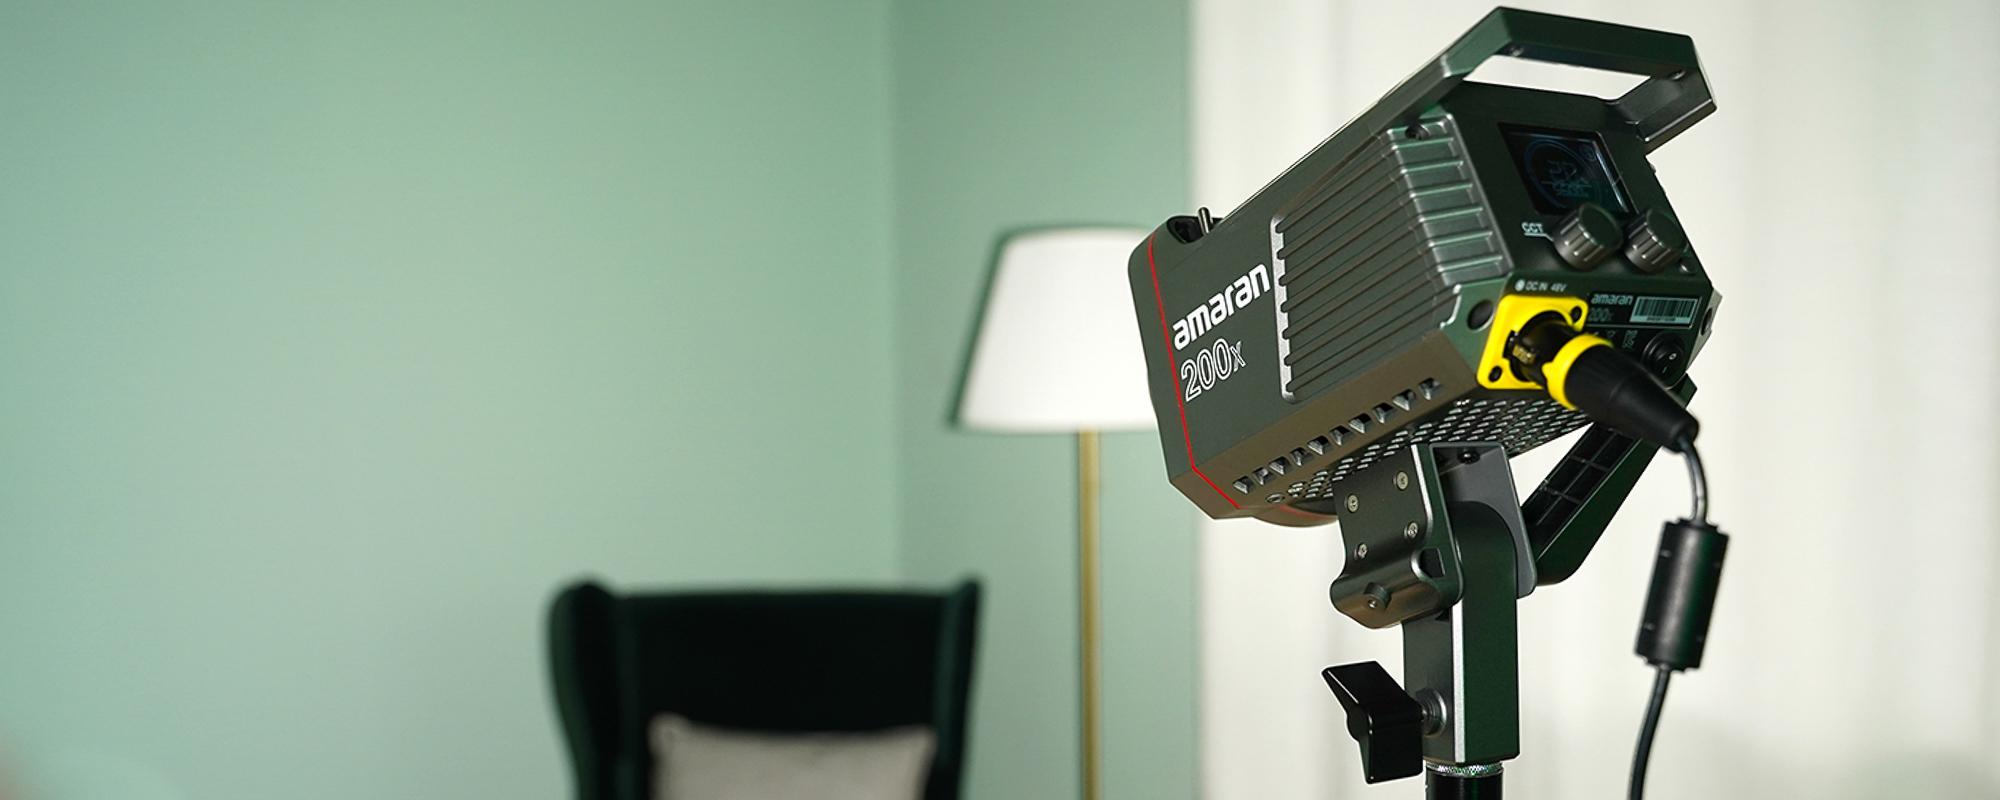 Lampa LED Amaran 200x - przykłady zastosowania